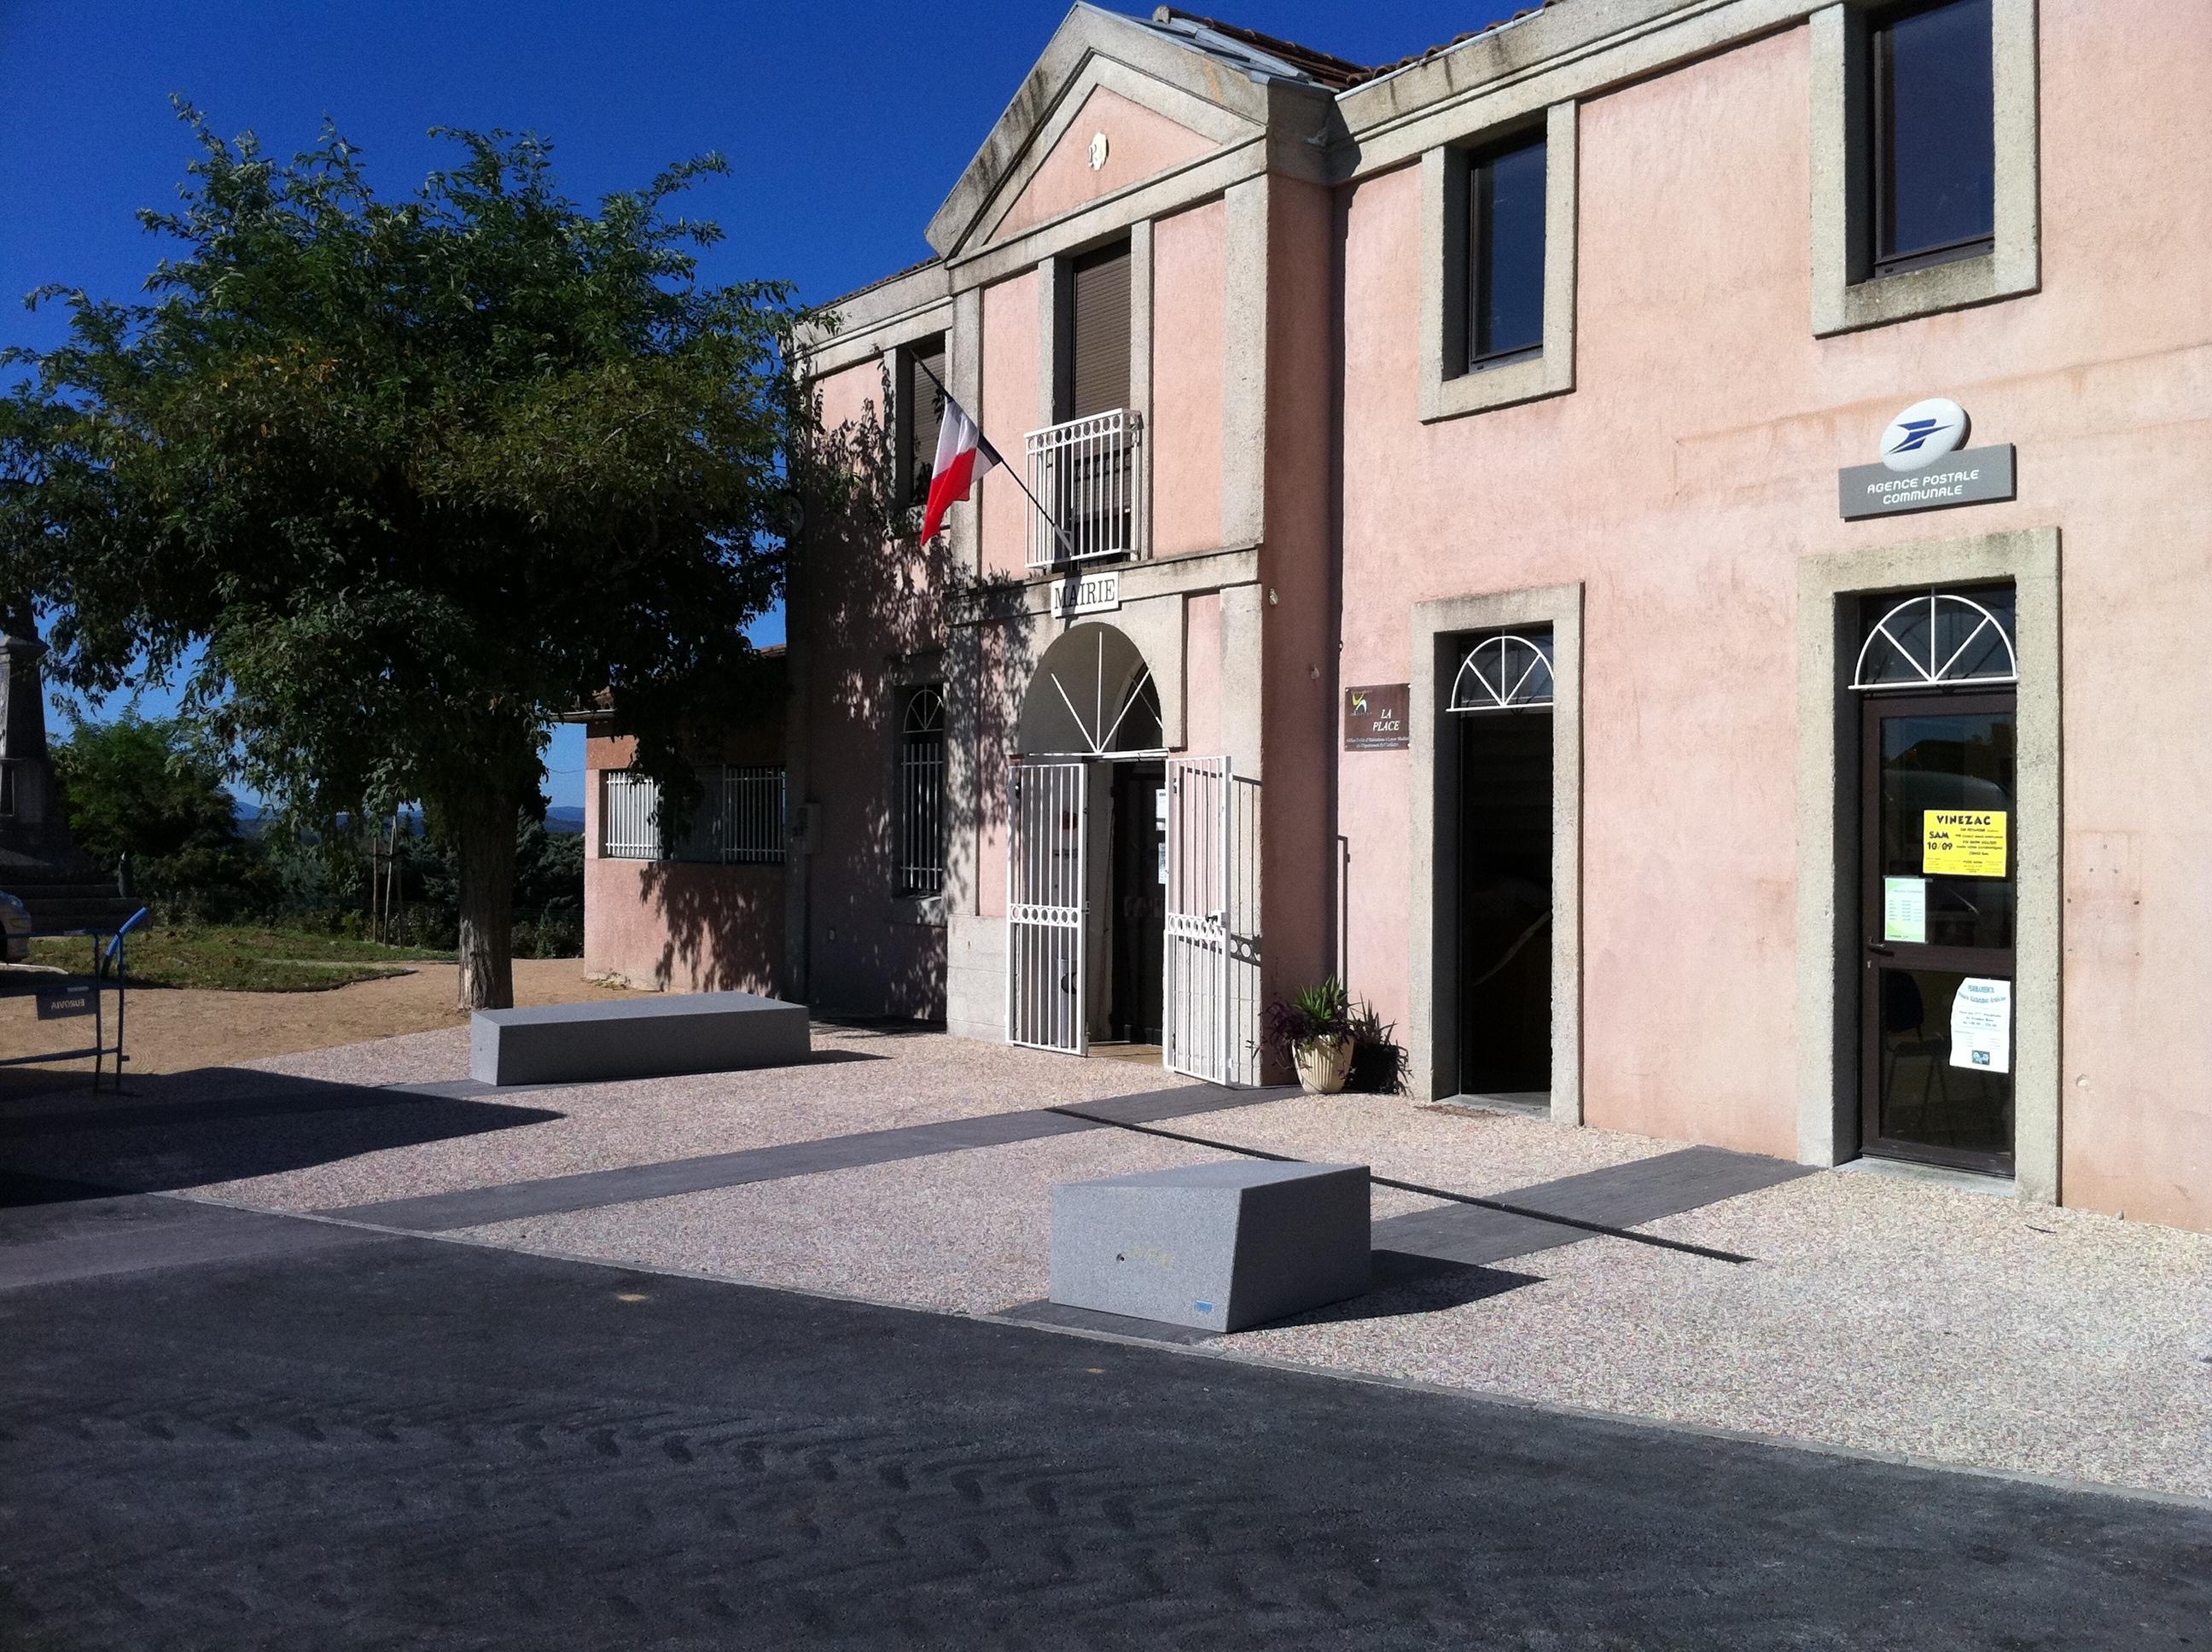 PLACE DE LA MAIRIE - VINEZAC